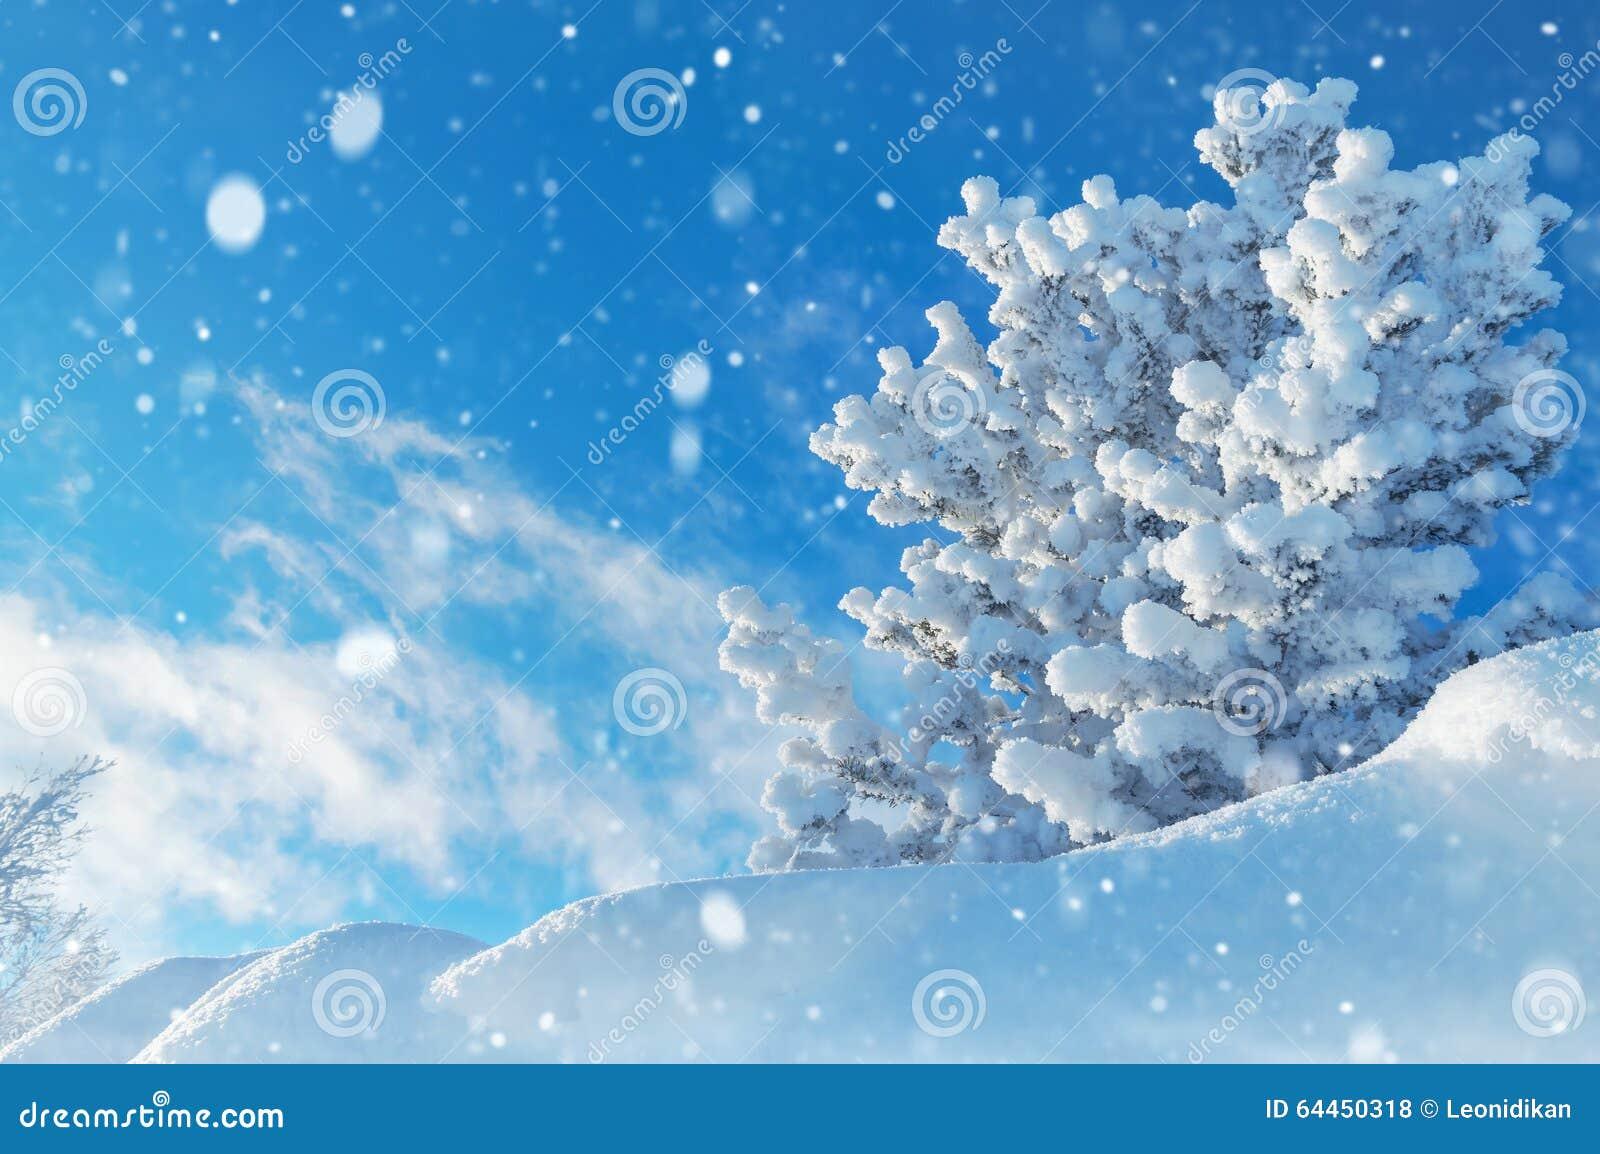 landscape sky clouds snow - photo #42